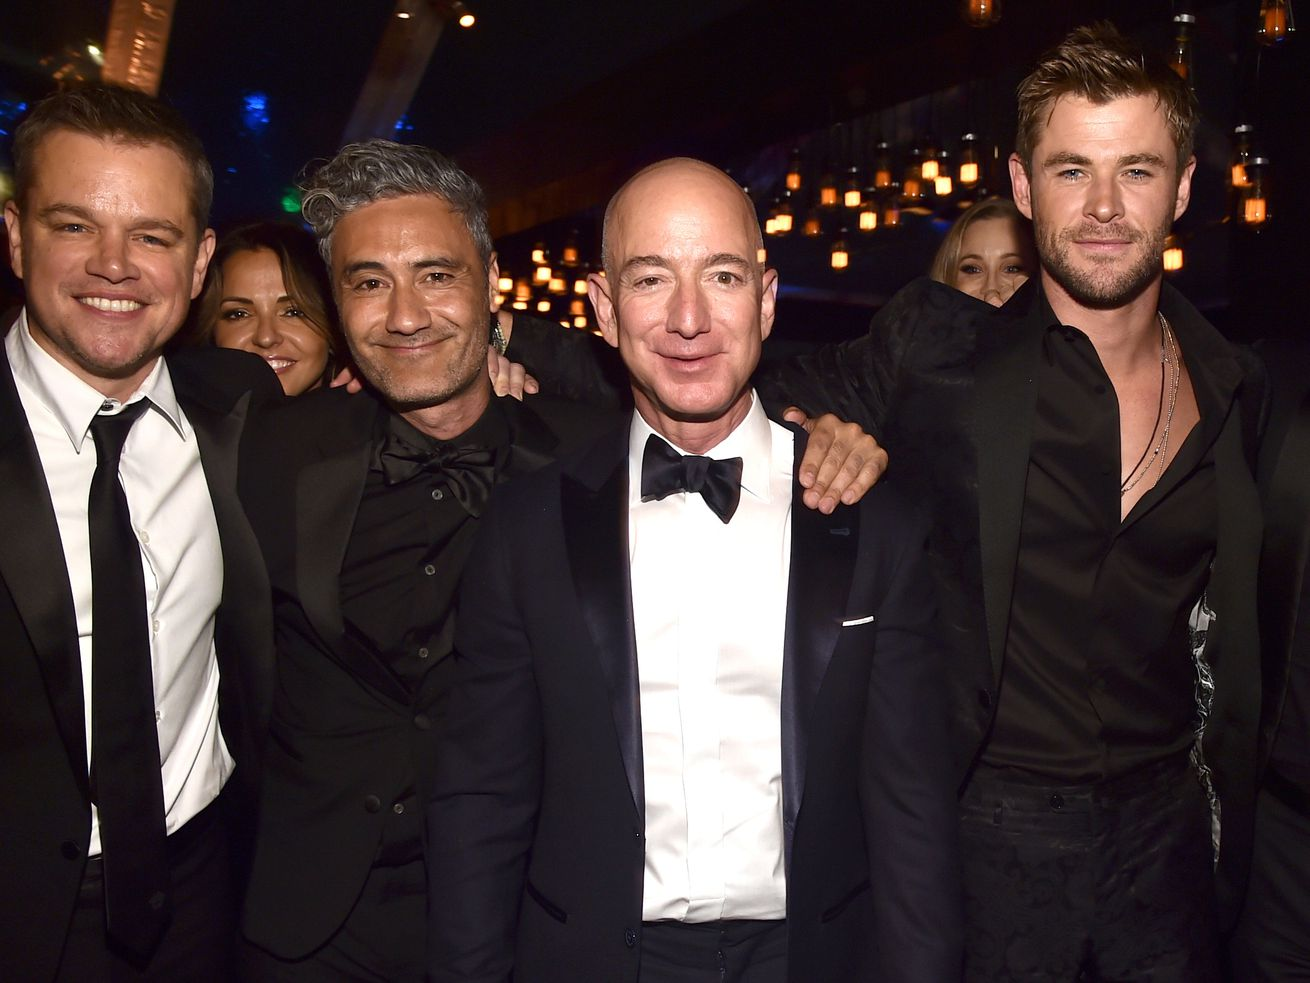 left to right: Matt Damon, Taika Waititi, Amazon founder and CEO Jeff Bezos, and Chris Hemsworth at the Golden Globe Awards.